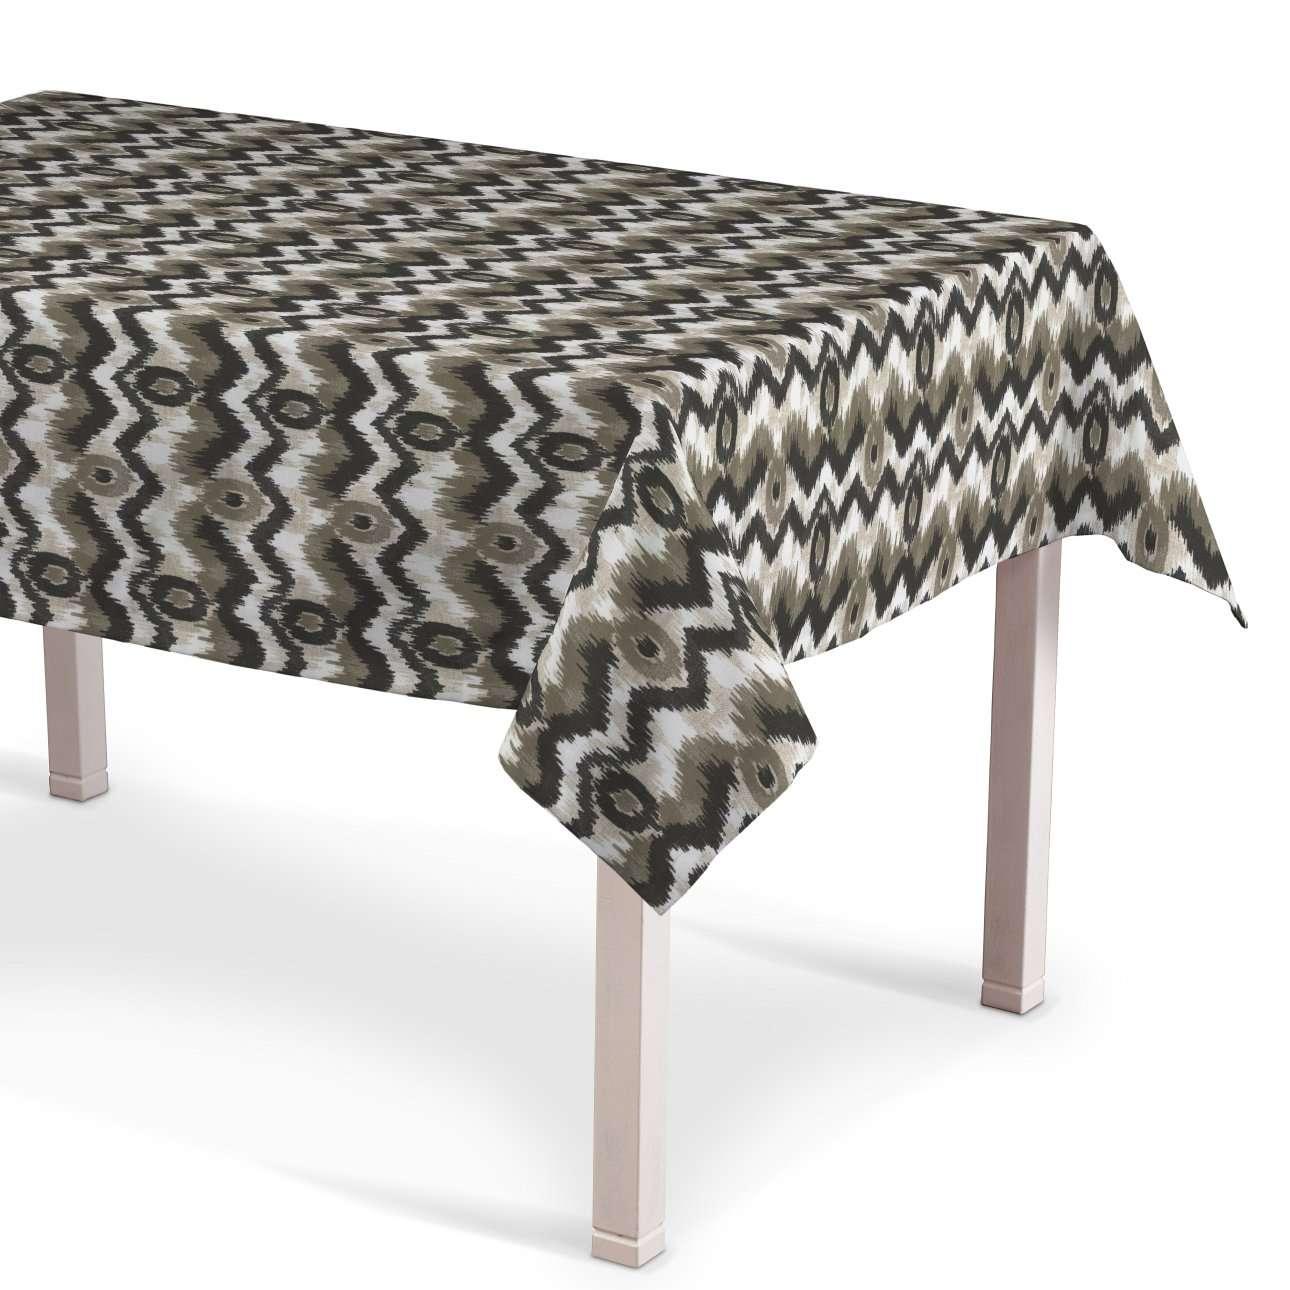 Rechteckige Tischdecke, schwarz-beige, 130 × 180 cm, Modern | Heimtextilien > Tischdecken und Co | Dekoria